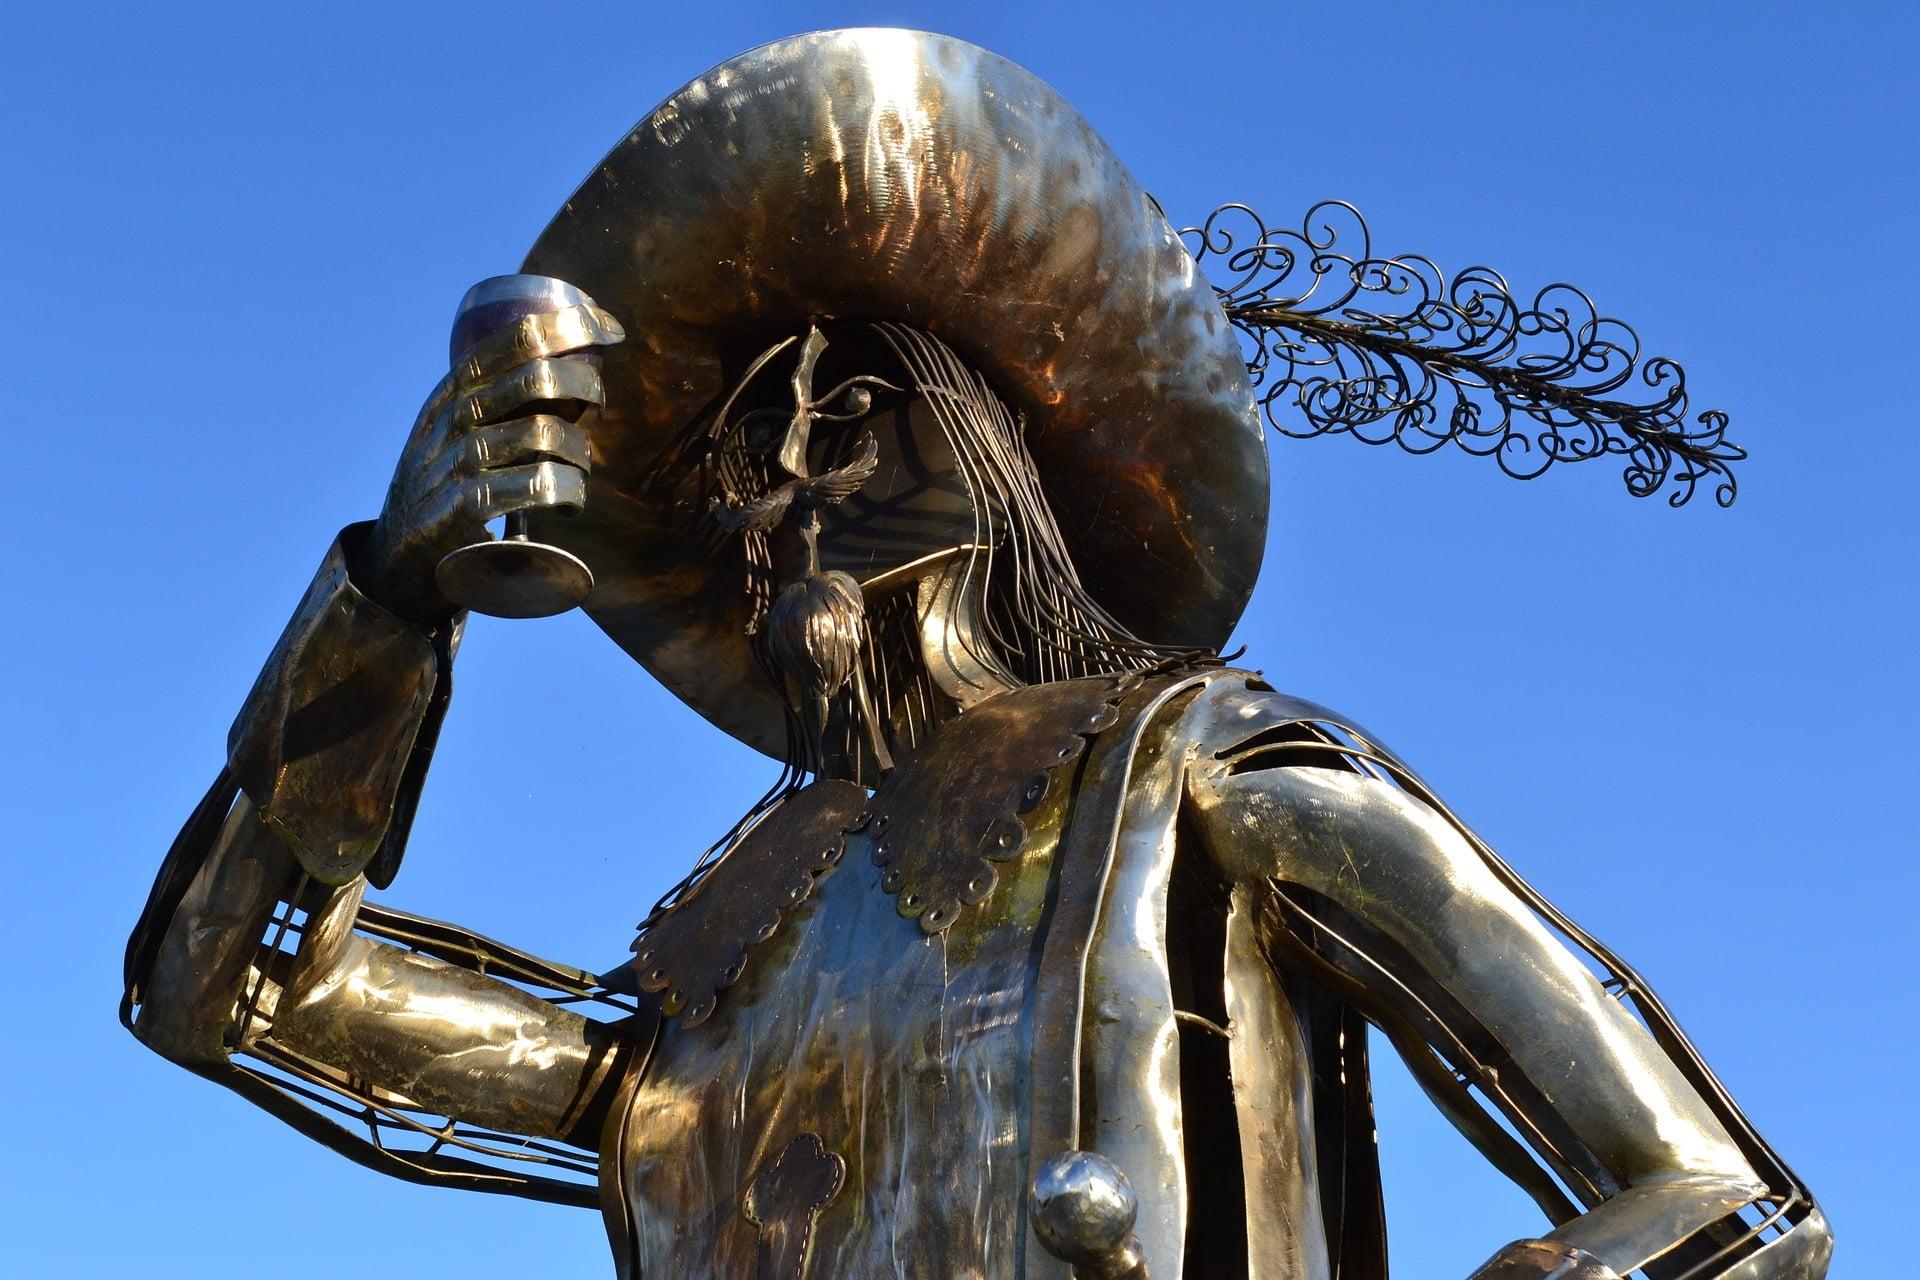 Column: Wat kunnen we leren van de musketiers?